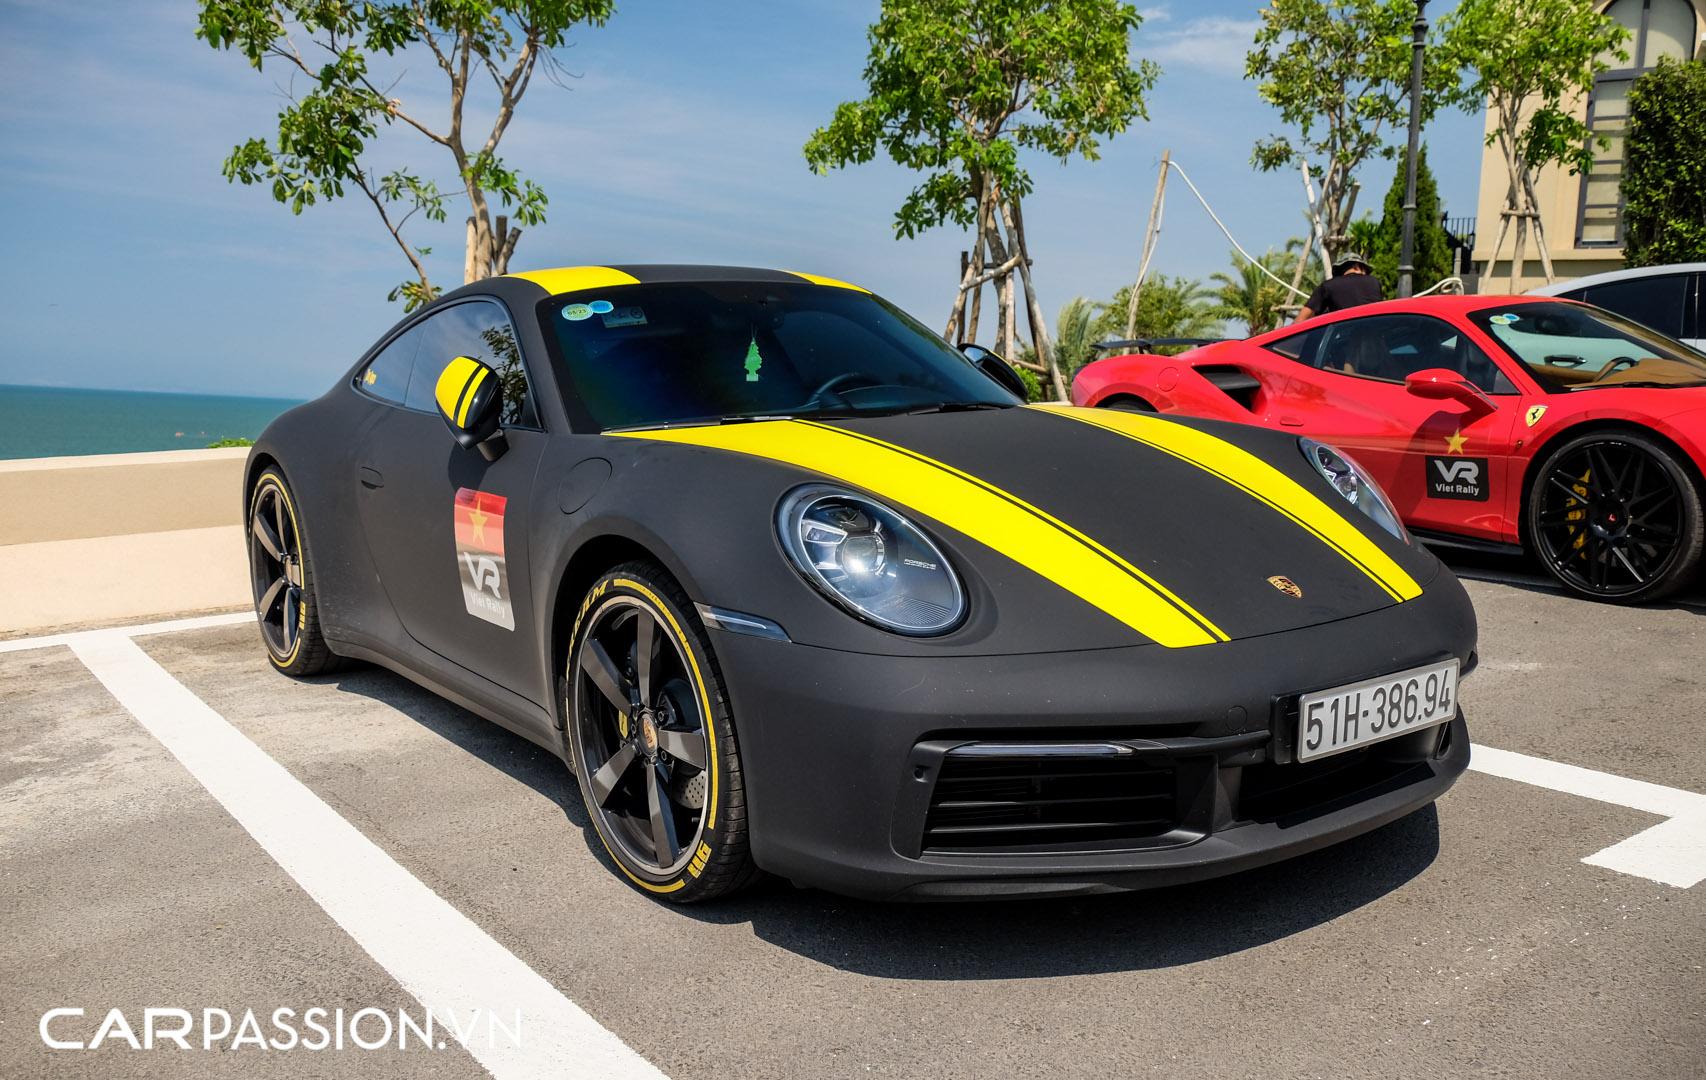 Porsche 911 của vợ chồng YouTuber (8).JPG